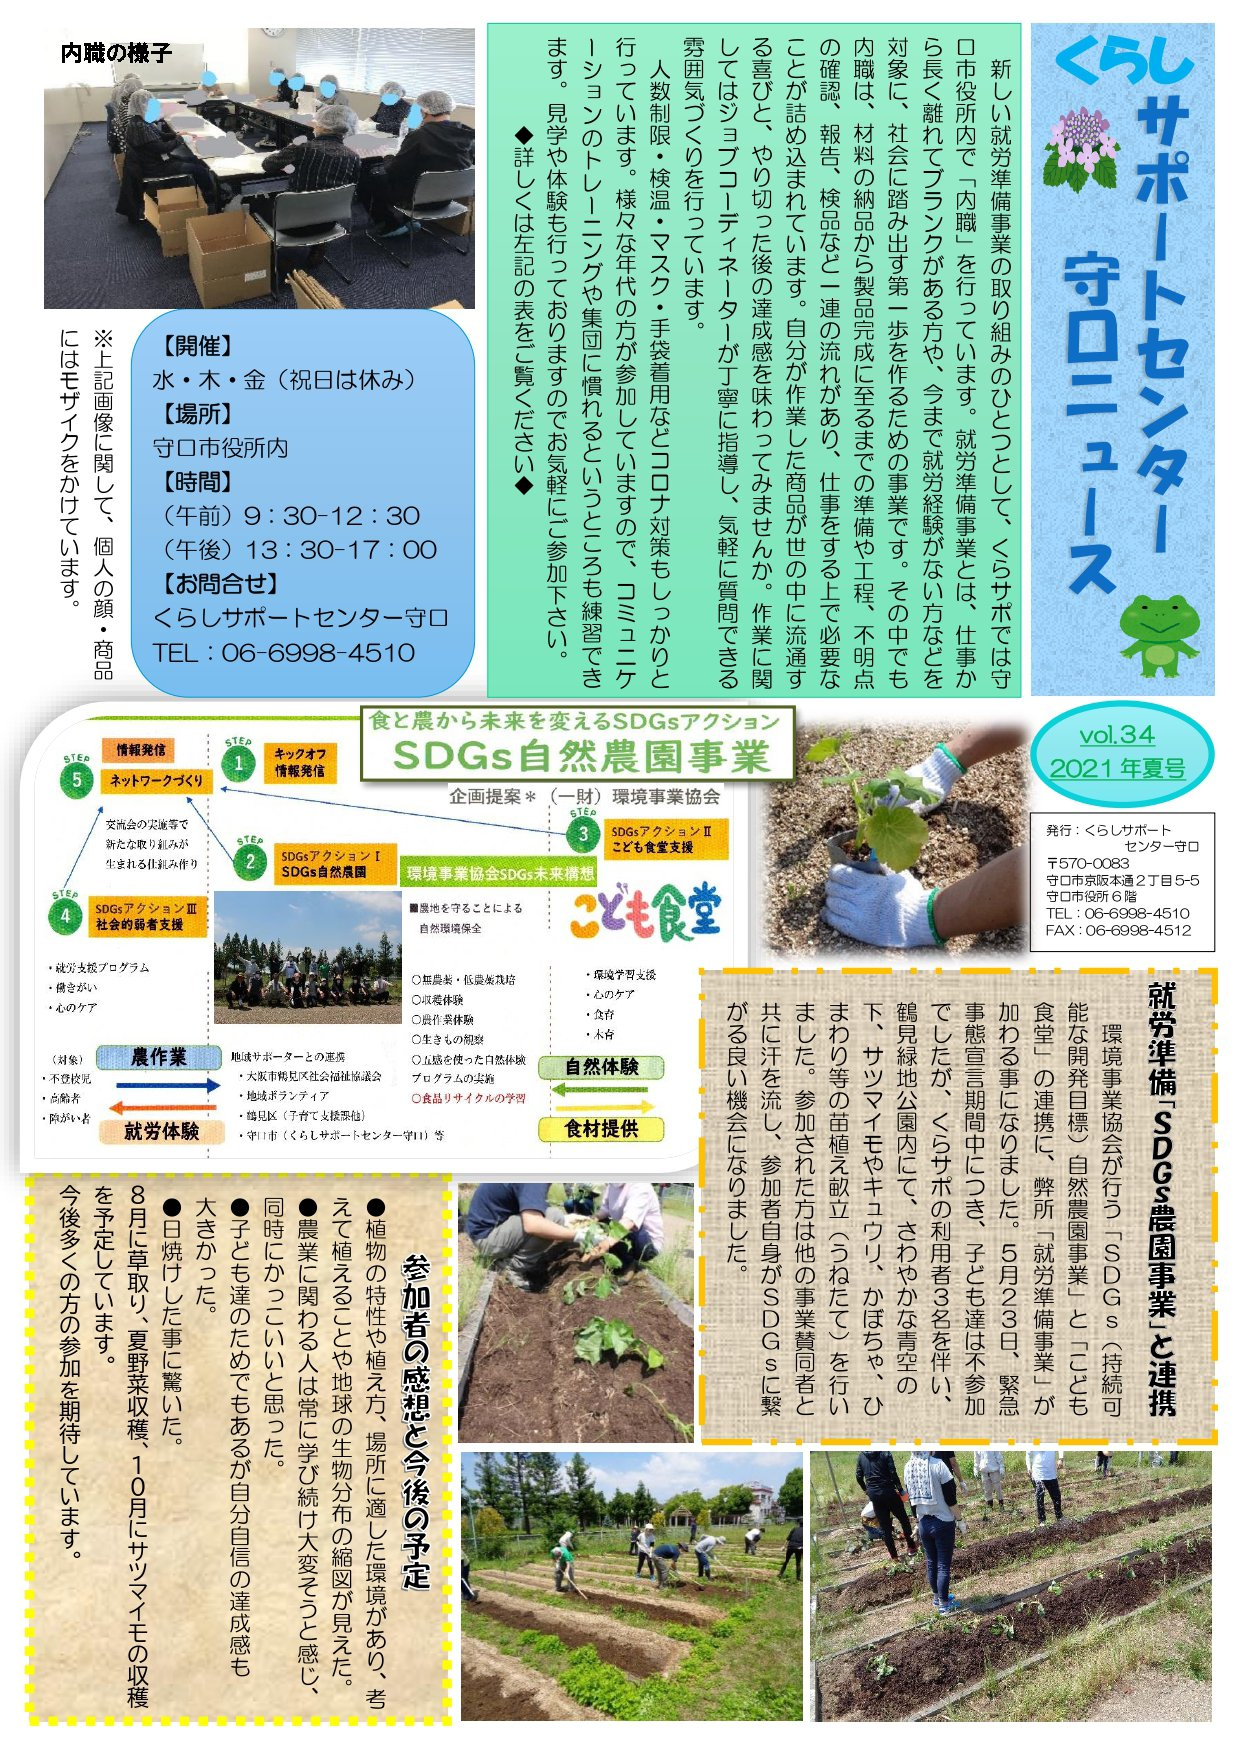 くらサポニュース 最終版_page-0001.jpg